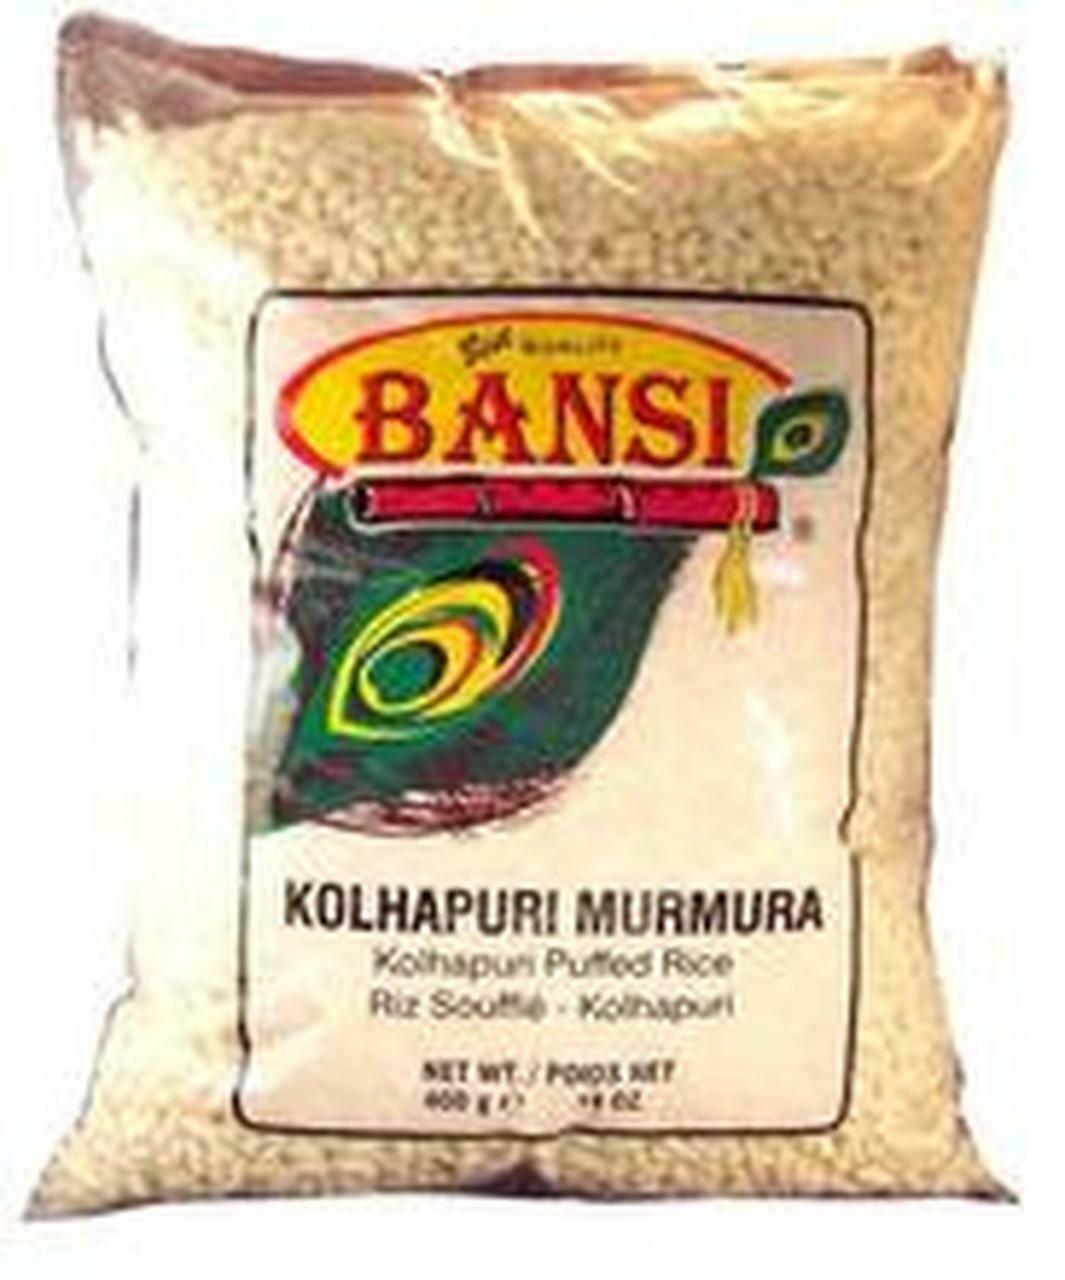 BANSI KOLHAPURI/BENGALURU MURMURA (PUFFED RICE) 907 G